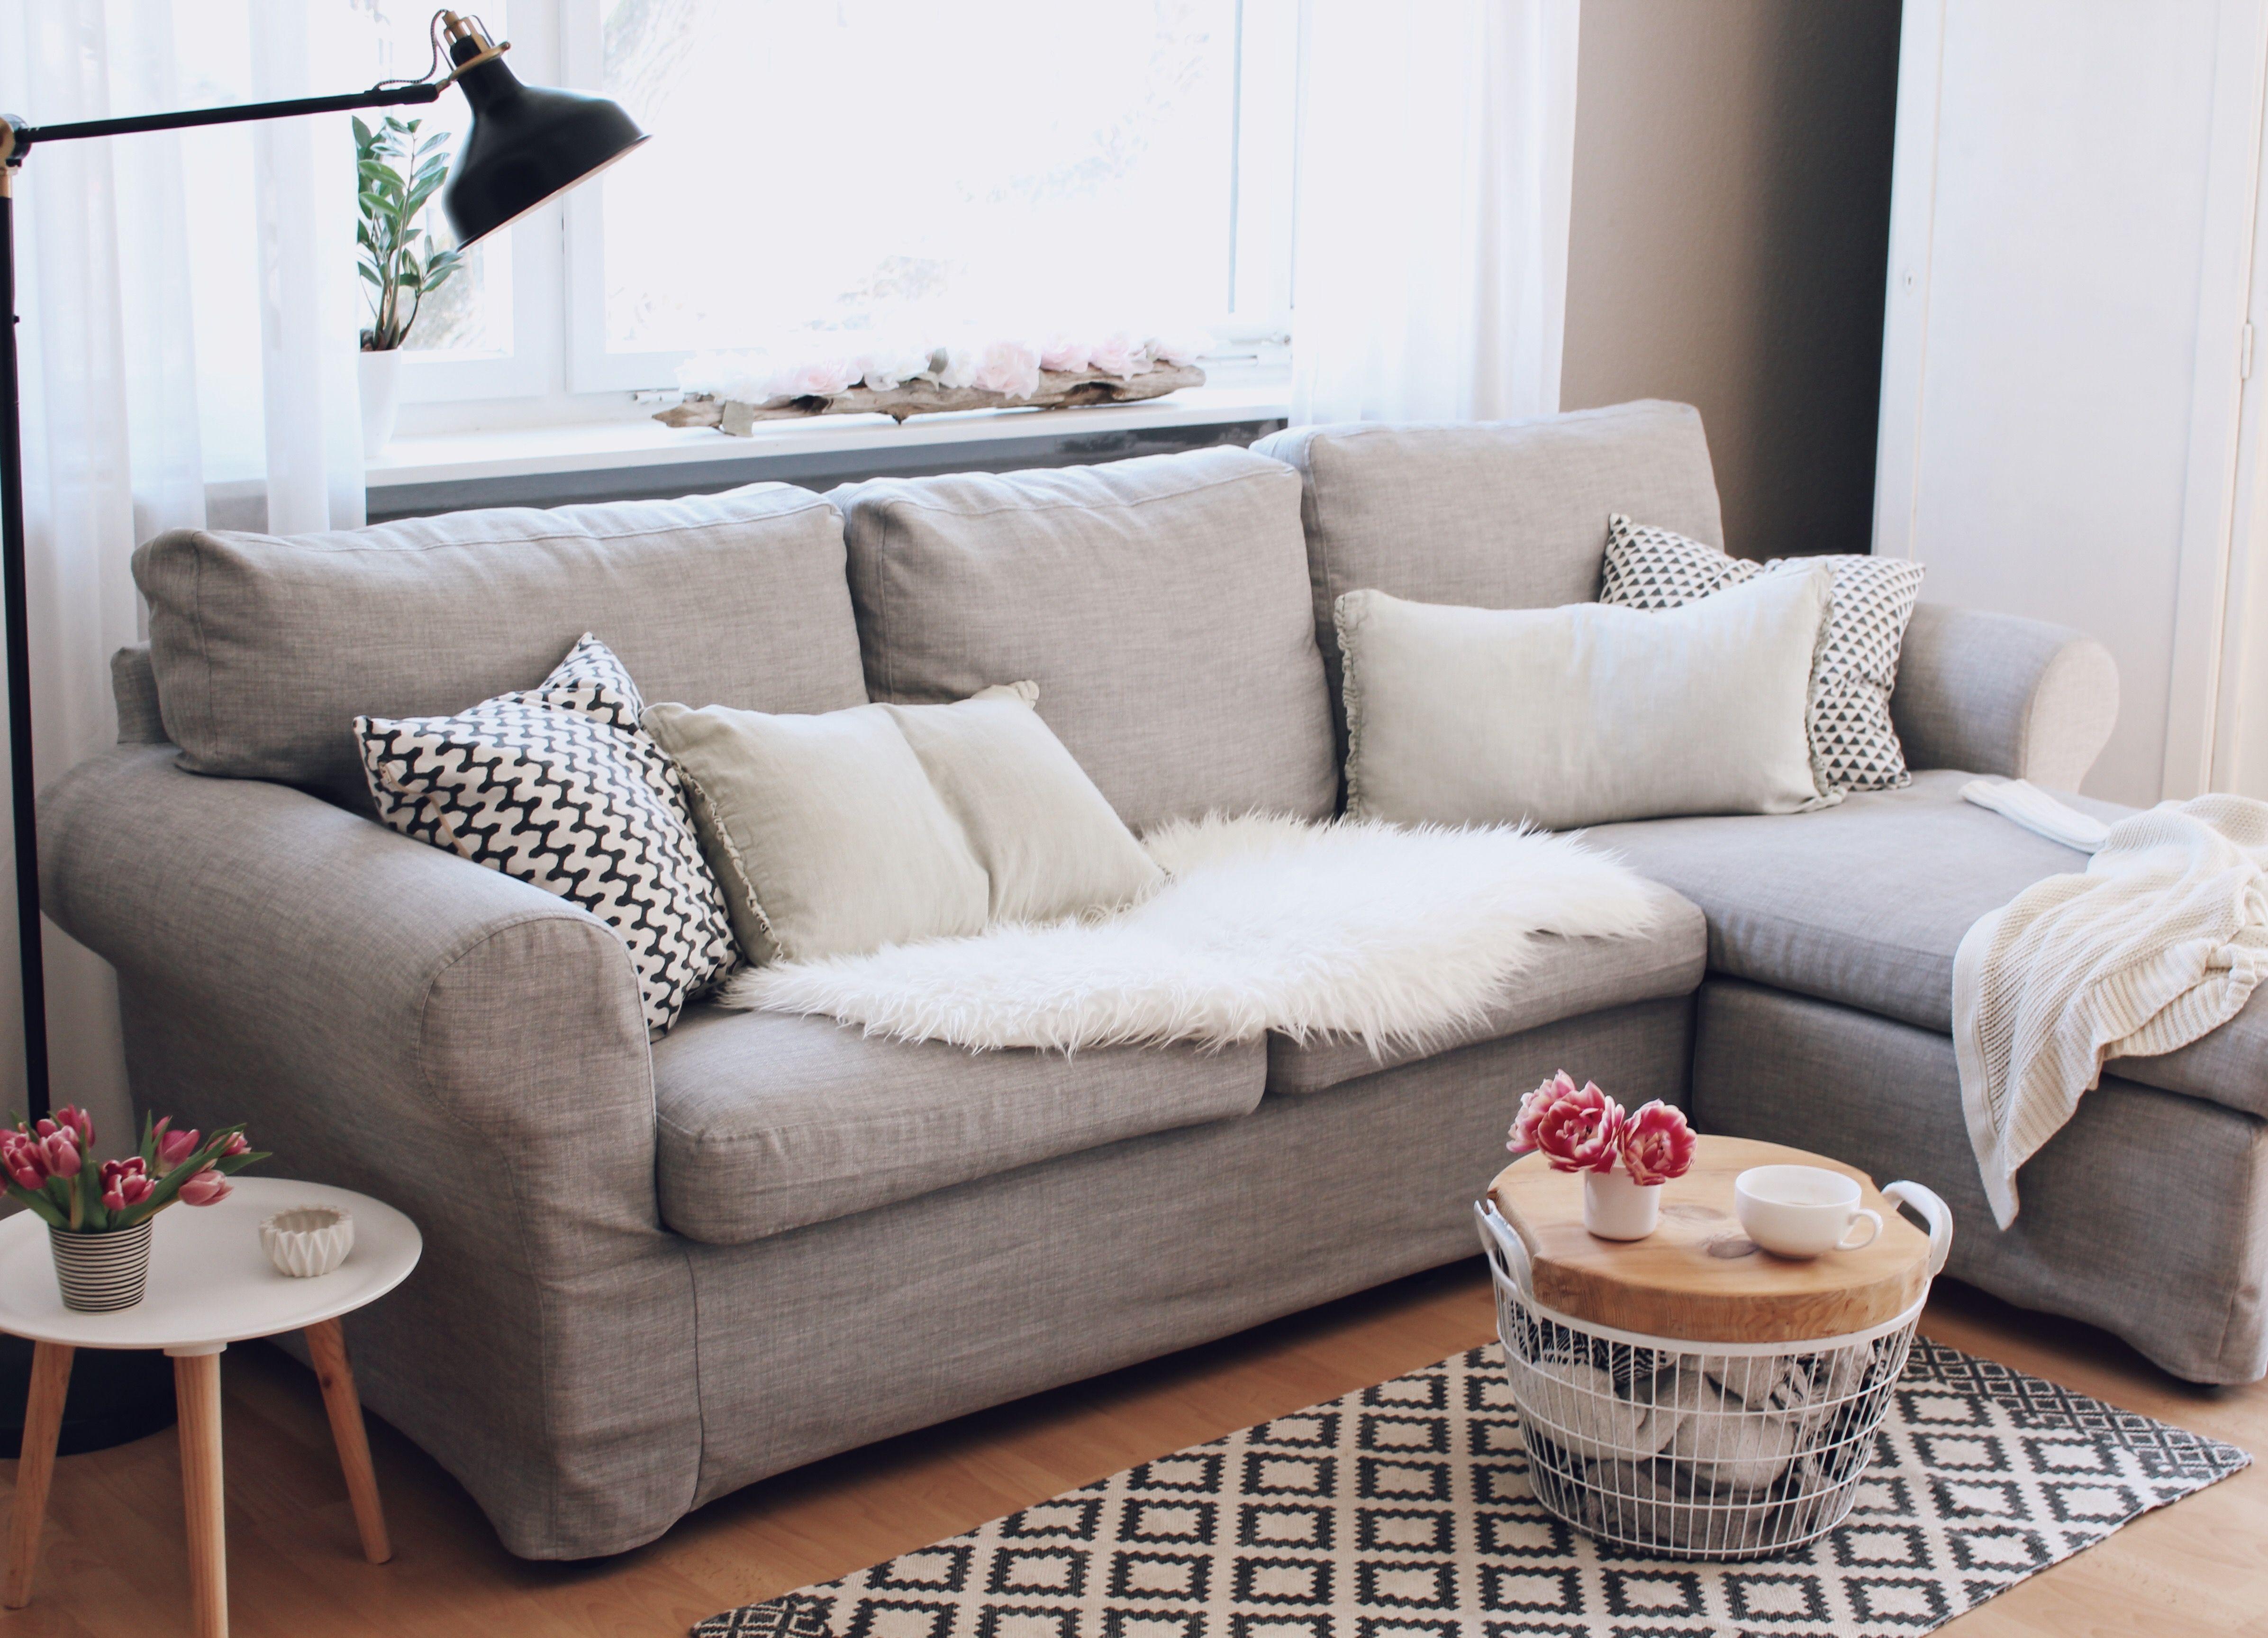 Ikea Rp Sectional Sofa In Kino Ash